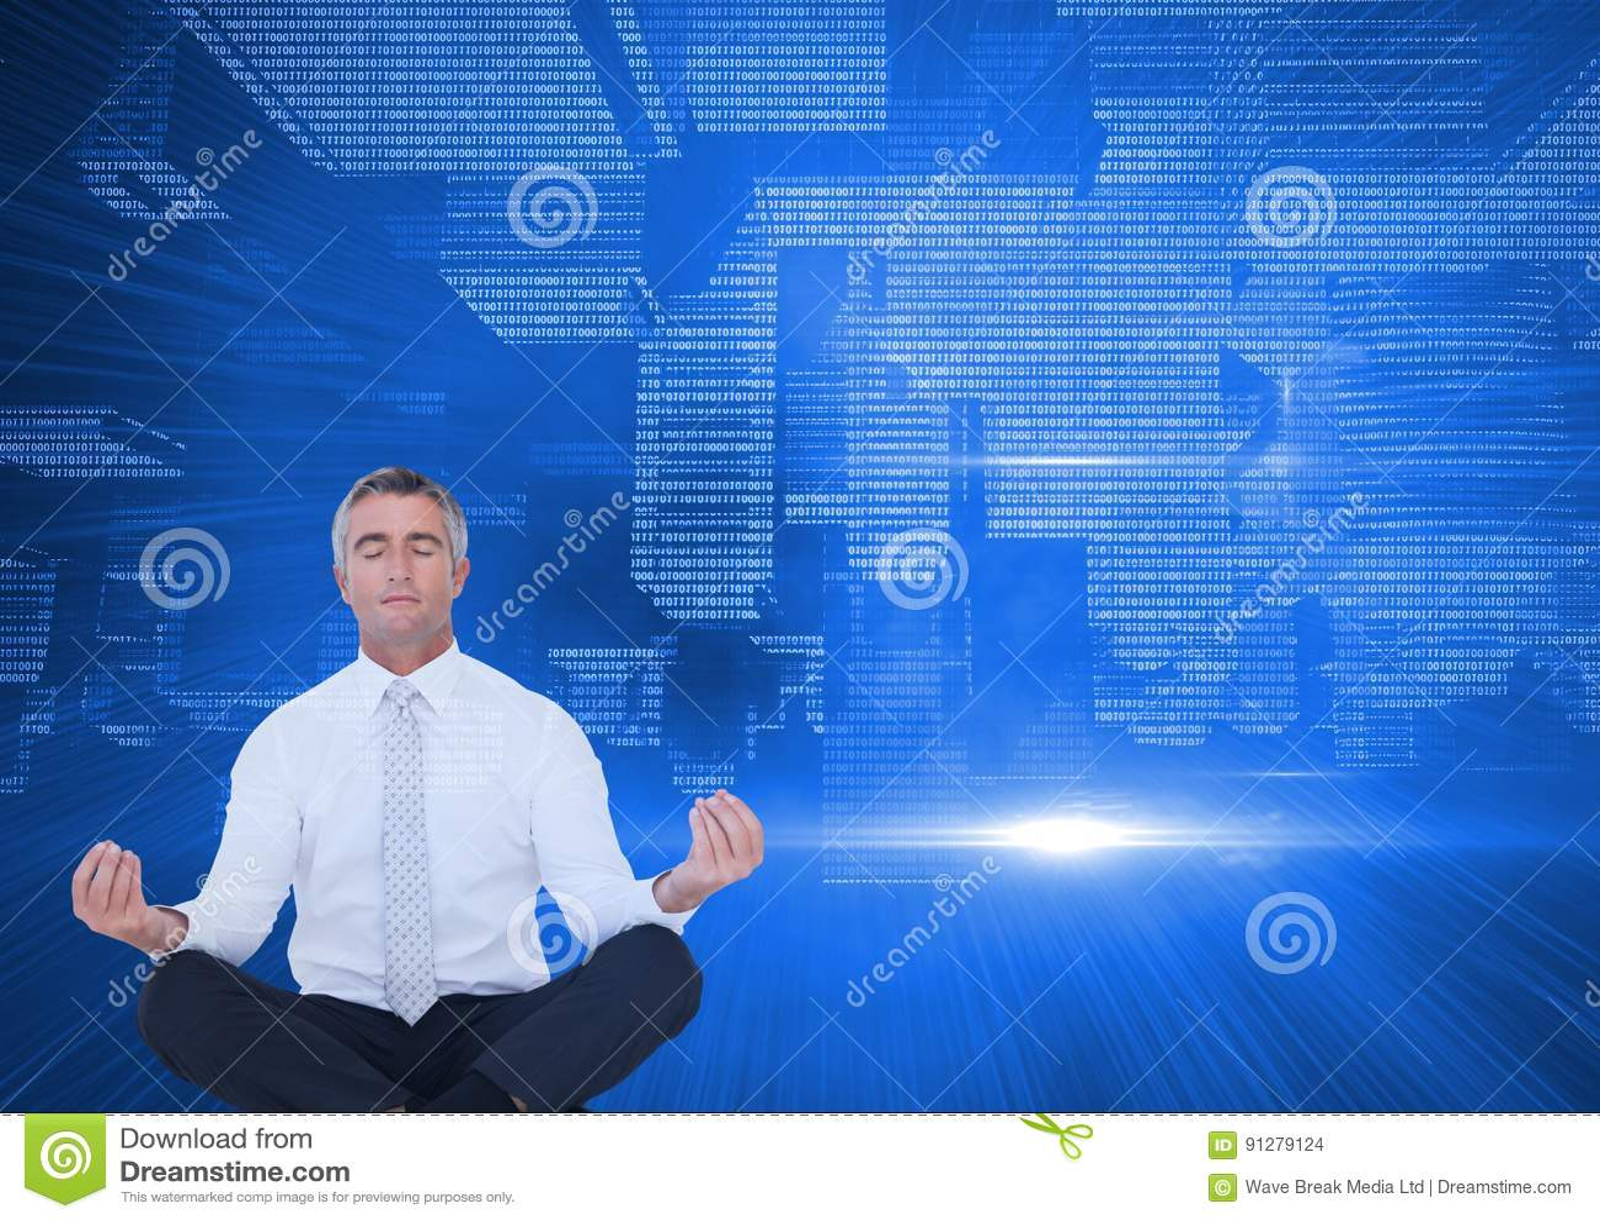 Upp för sida teknologisk stad ner meditera för män